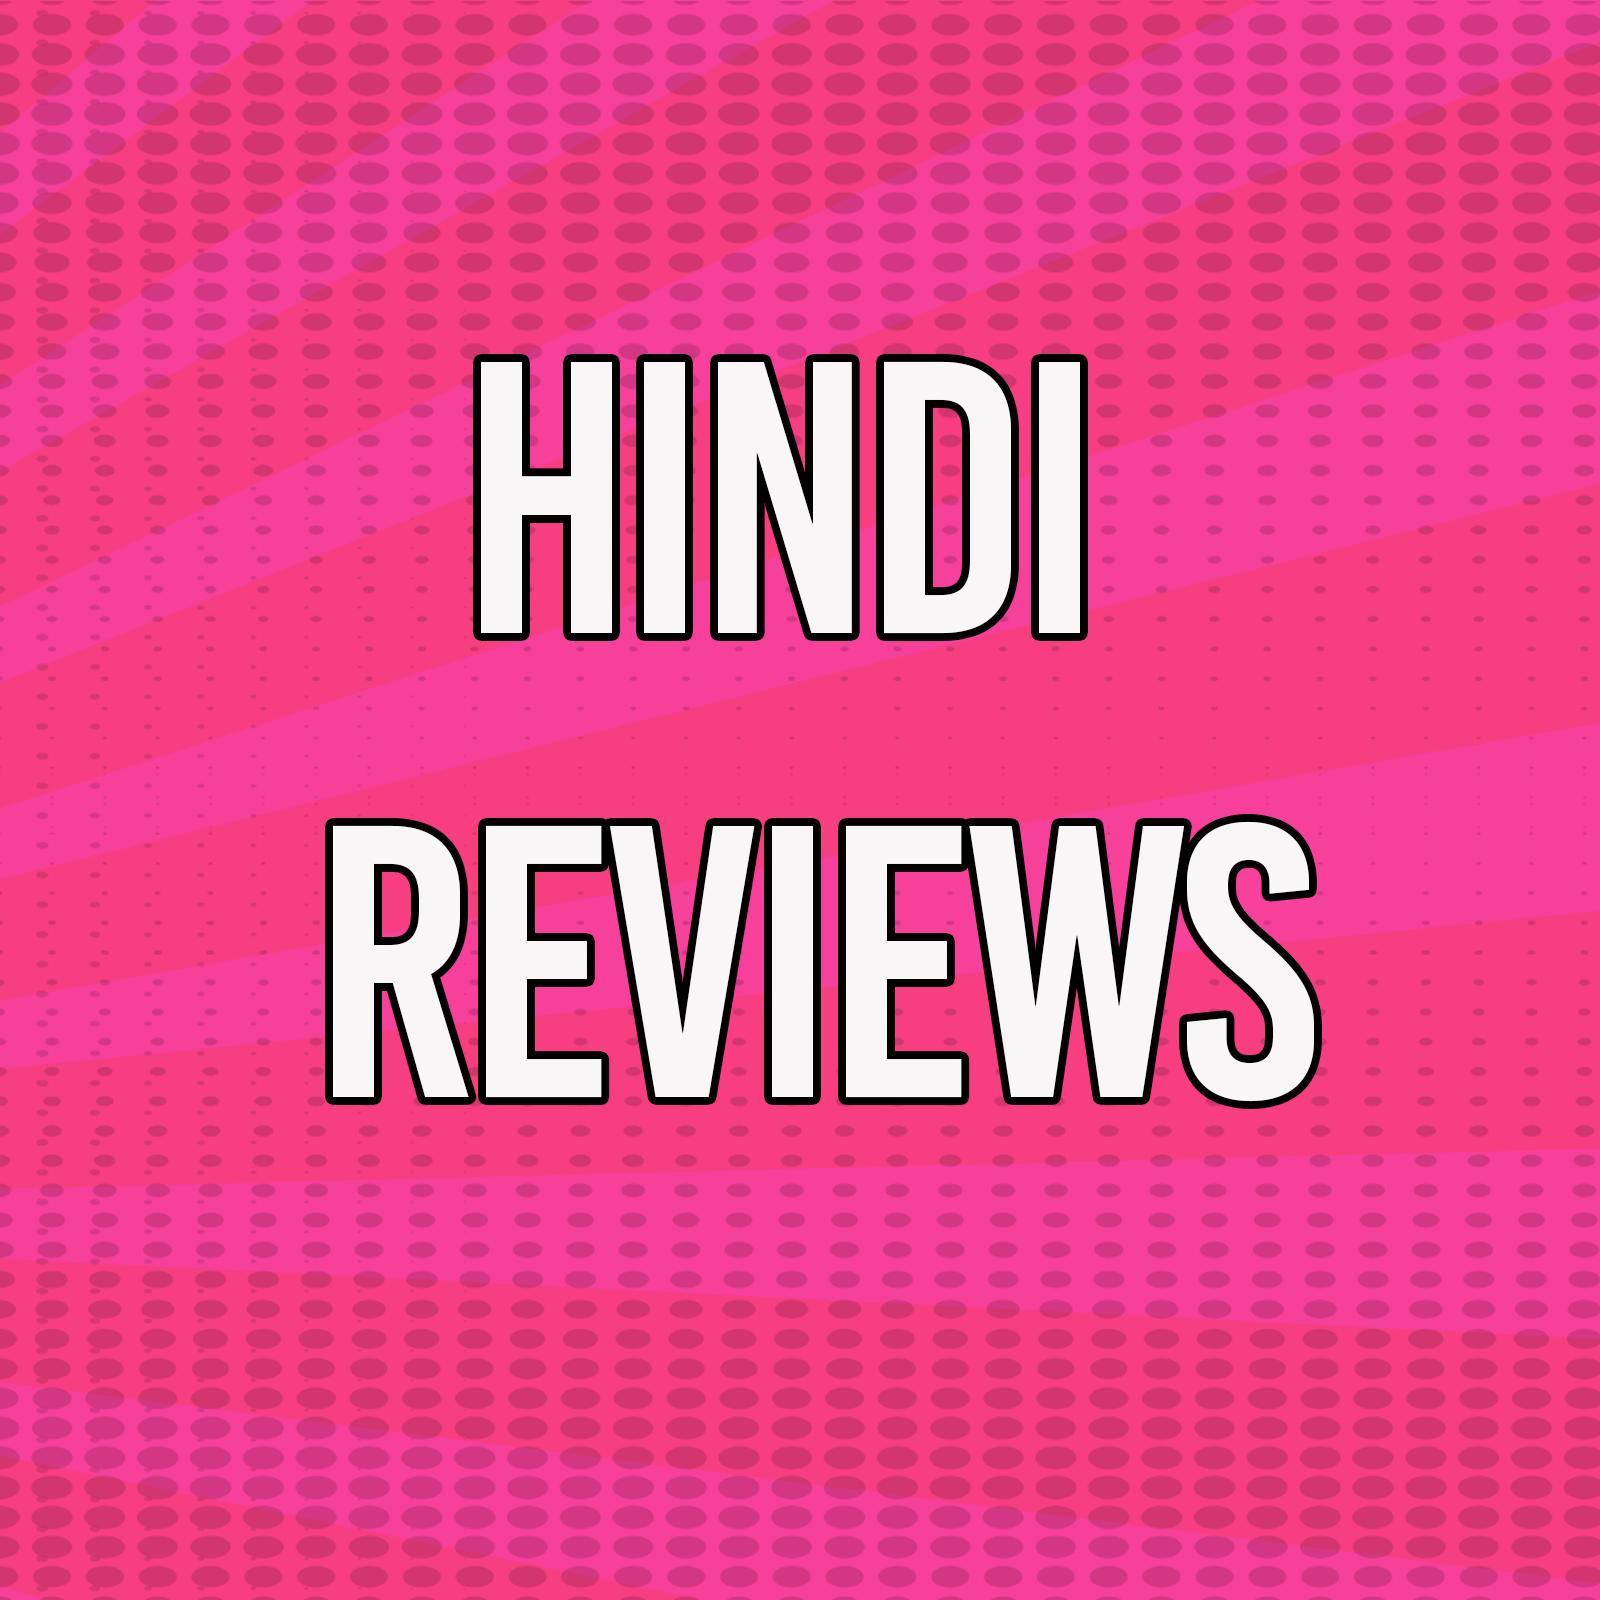 hindi reviews.png